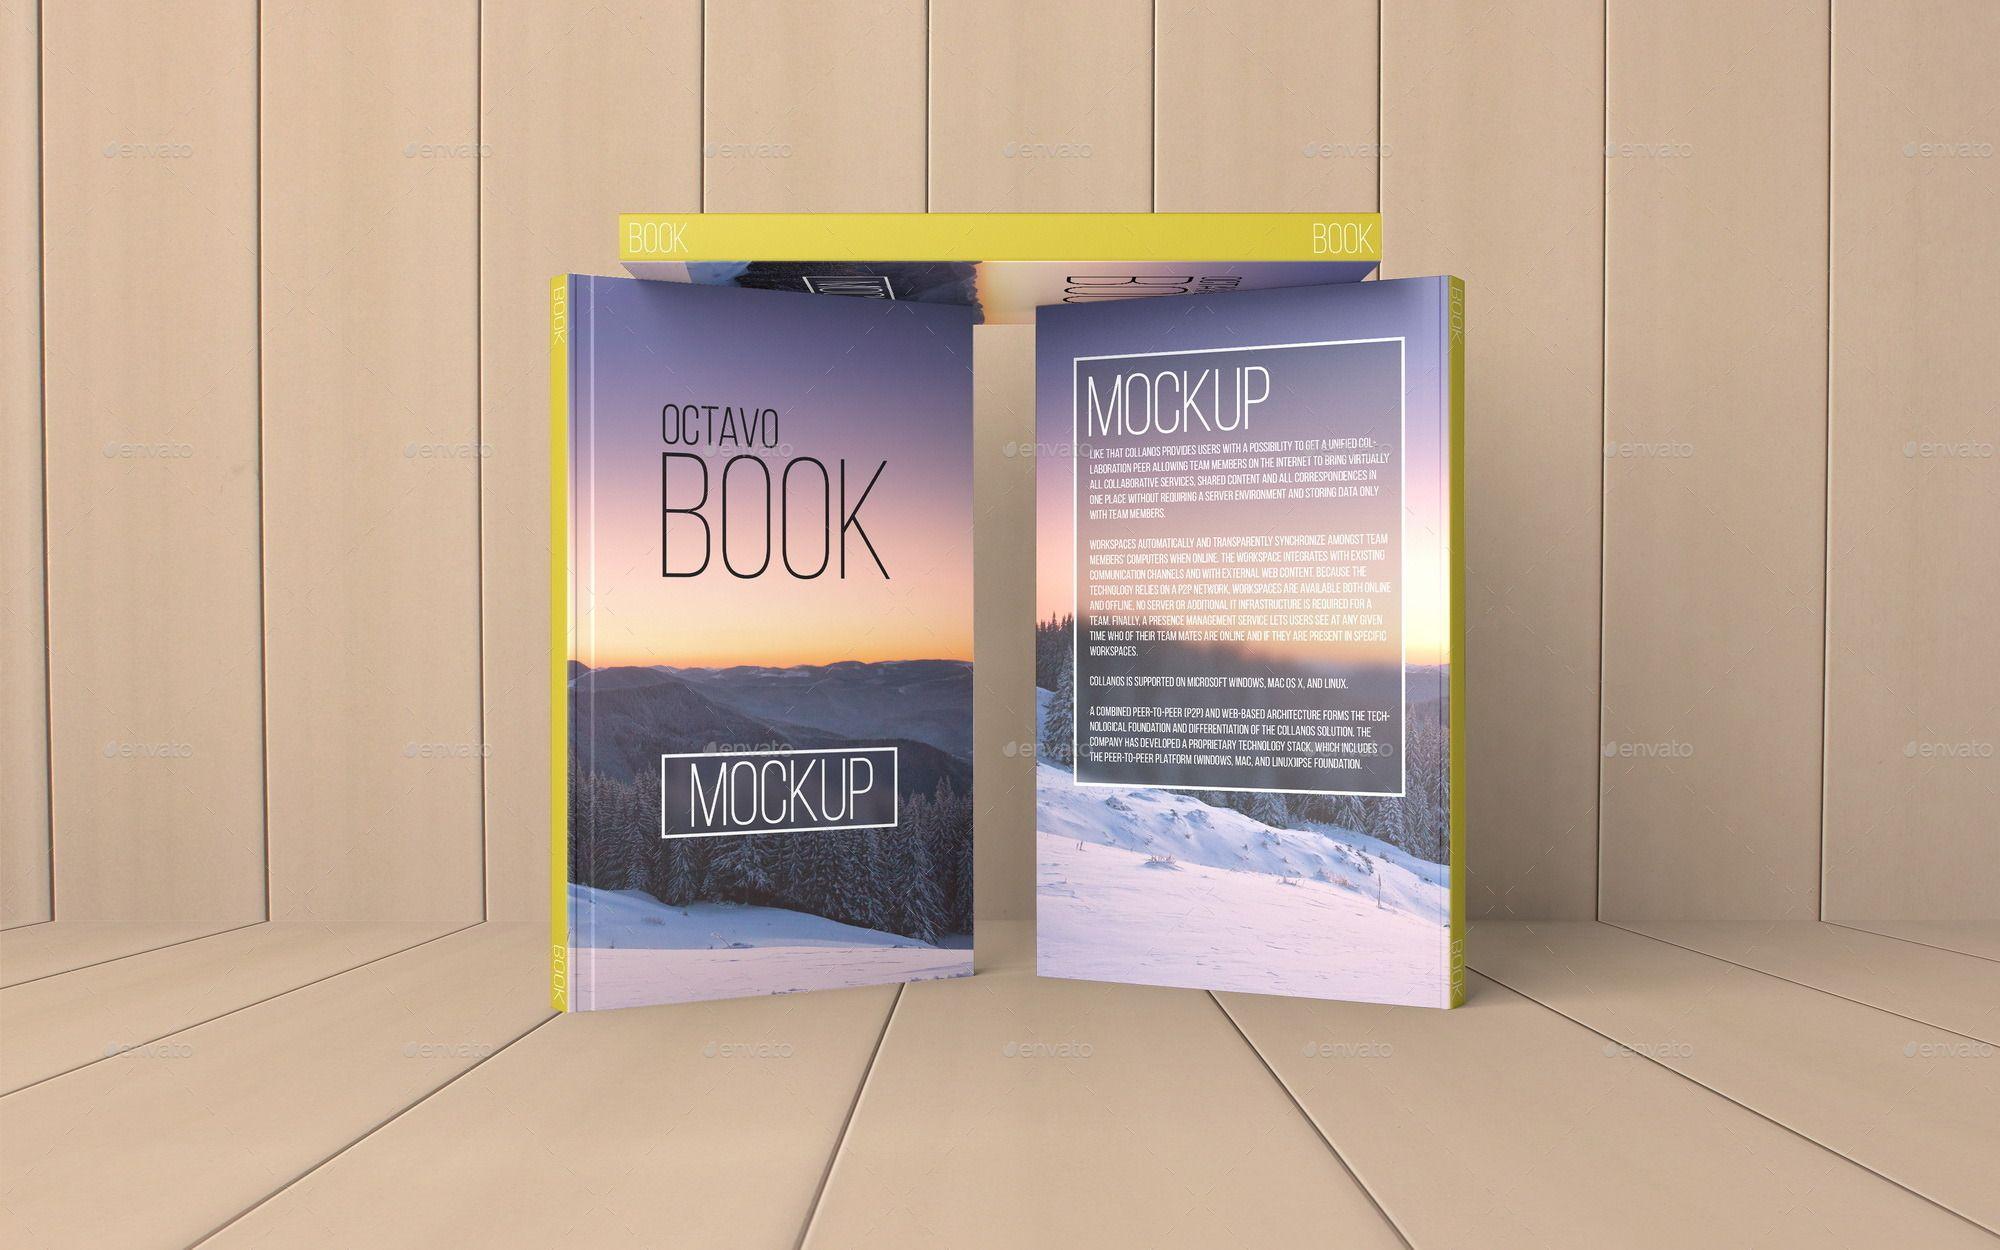 Octavo Book MockUp Set.1 Mockup, Mocking, Cover design